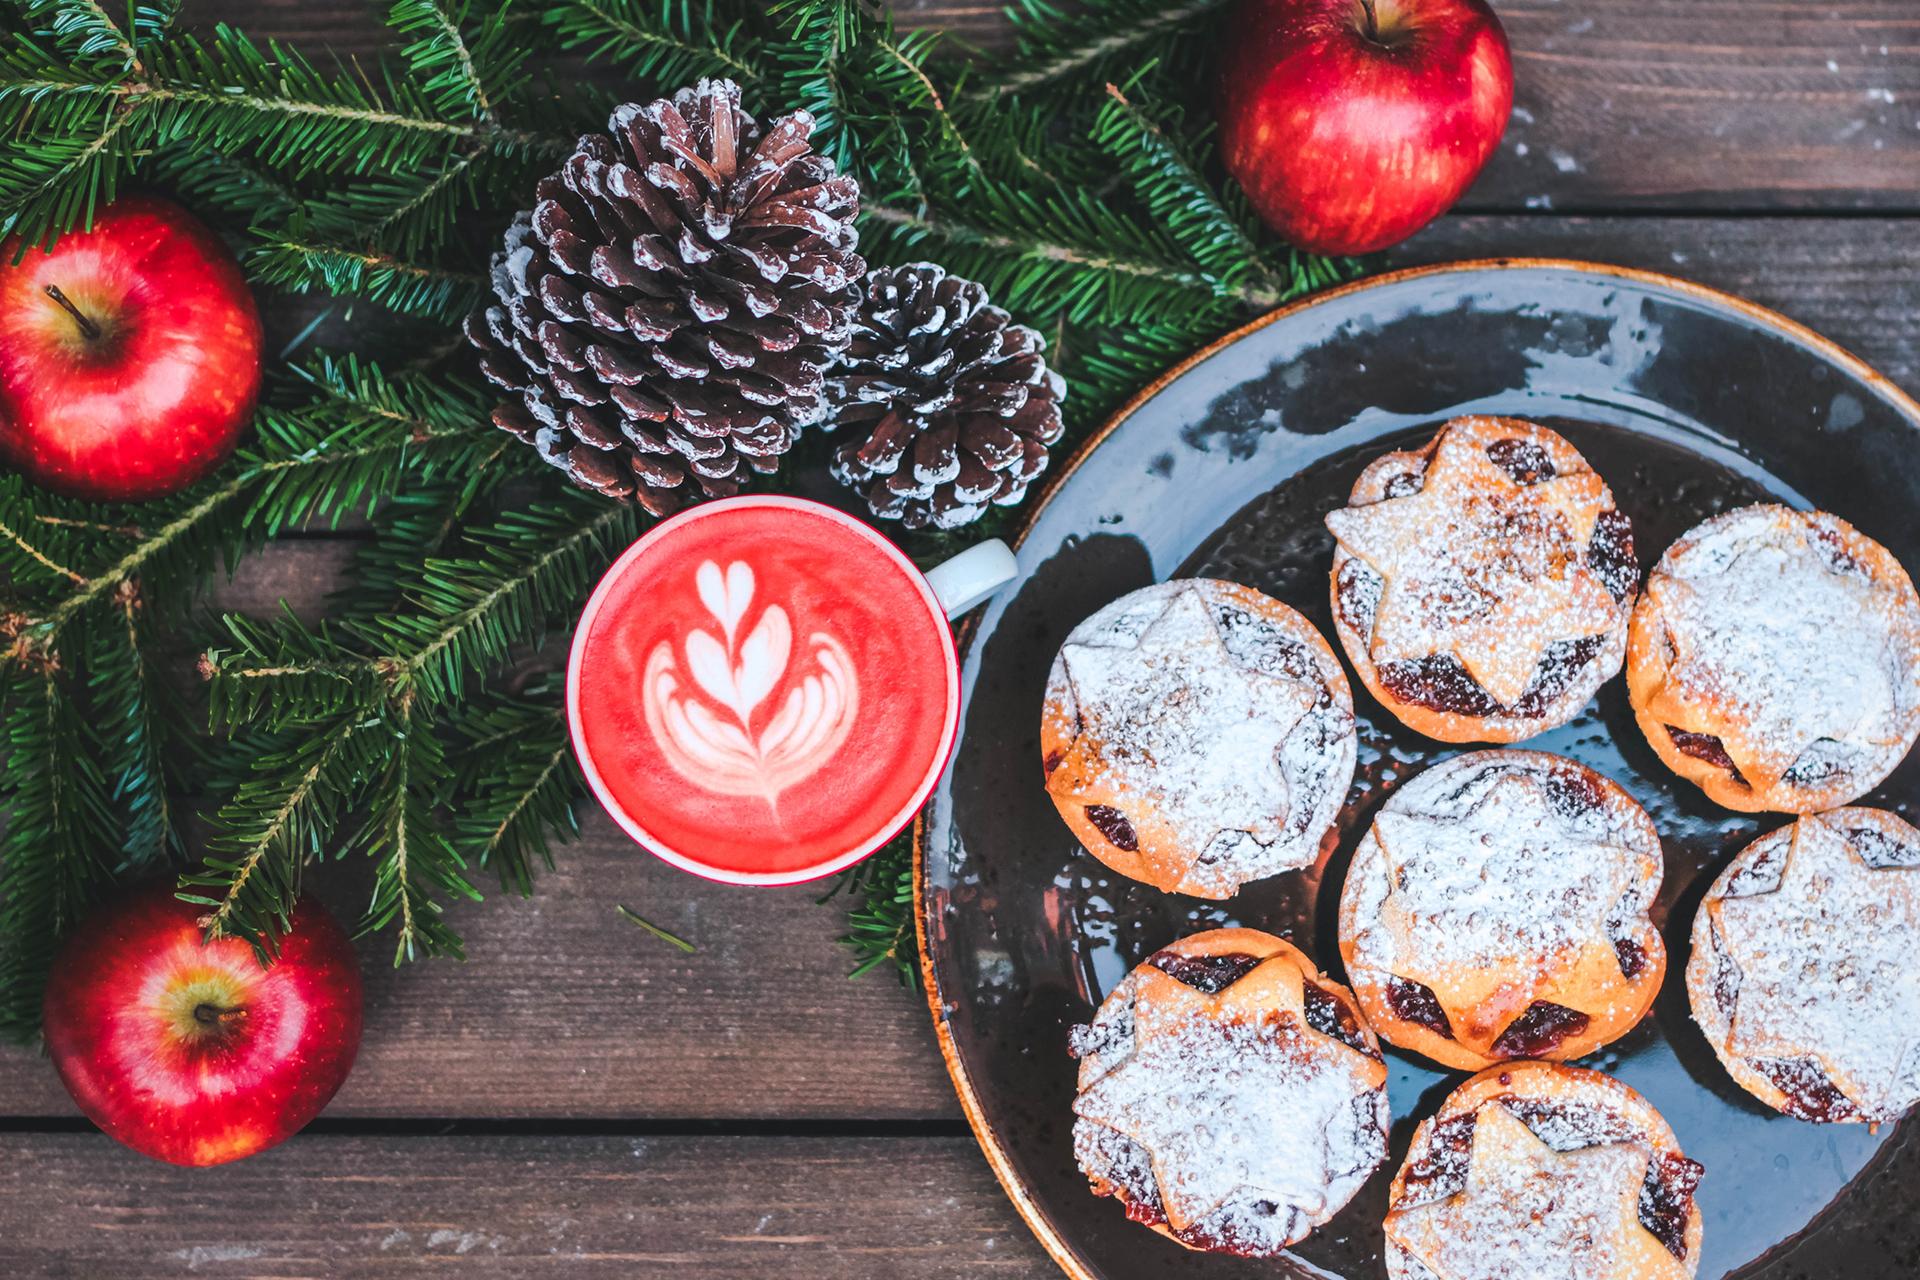 Red Velvet Cappuccino schmeckt am besten zu frischem Gebäck